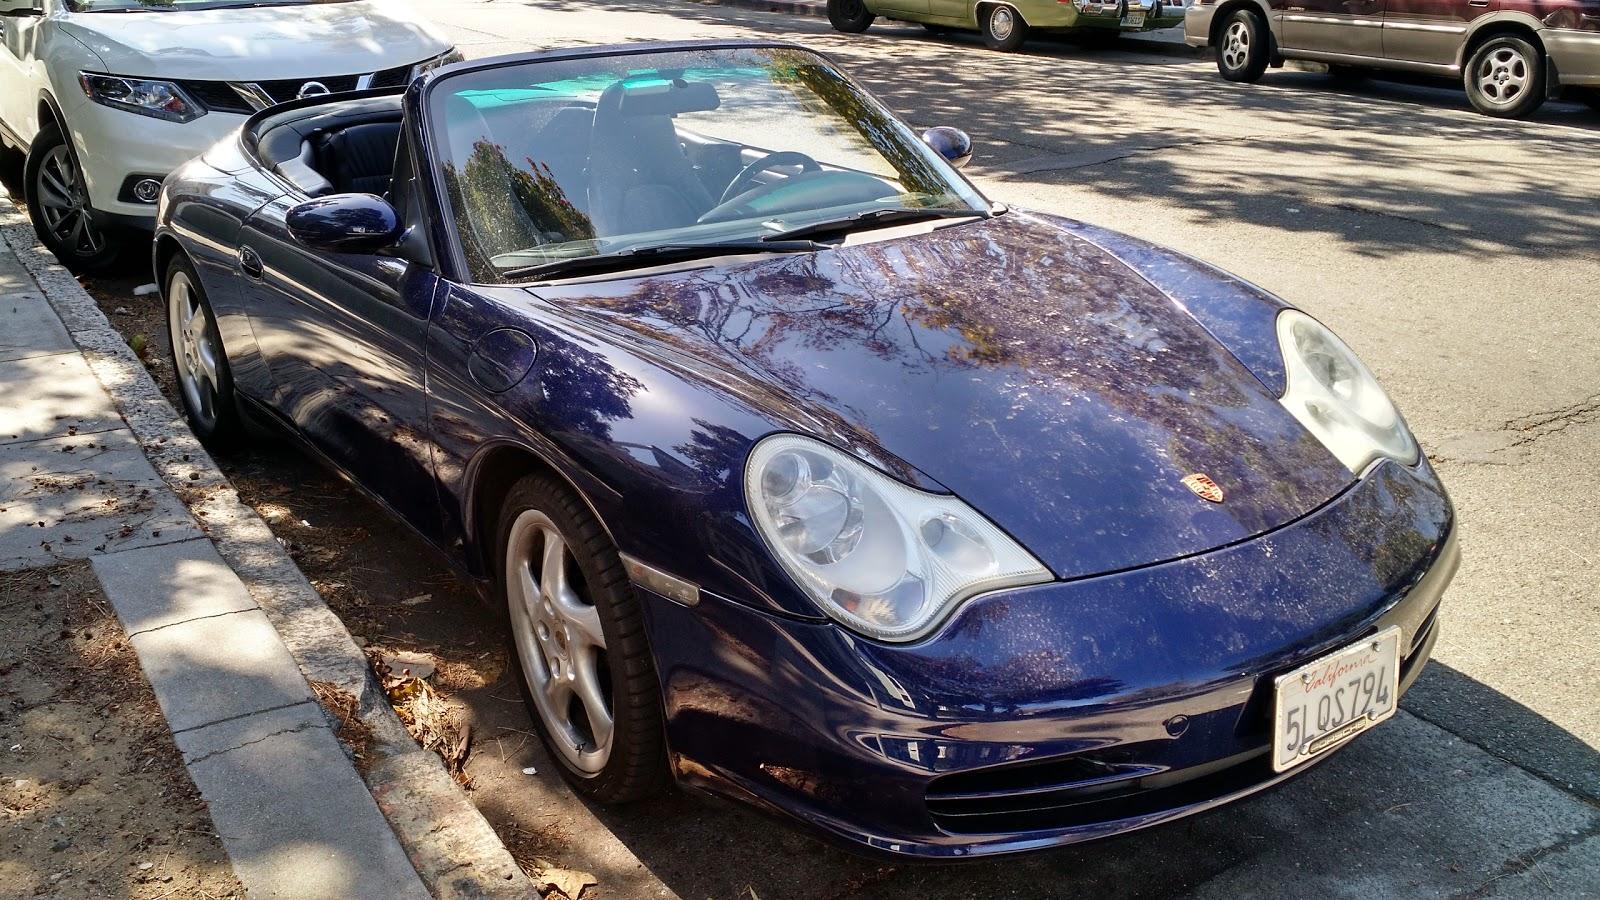 All Types 2003 911 : Car Swap #2: 2003 Porsche 911 Carrera 4 Cabriolet (aka 996 C4 cab)